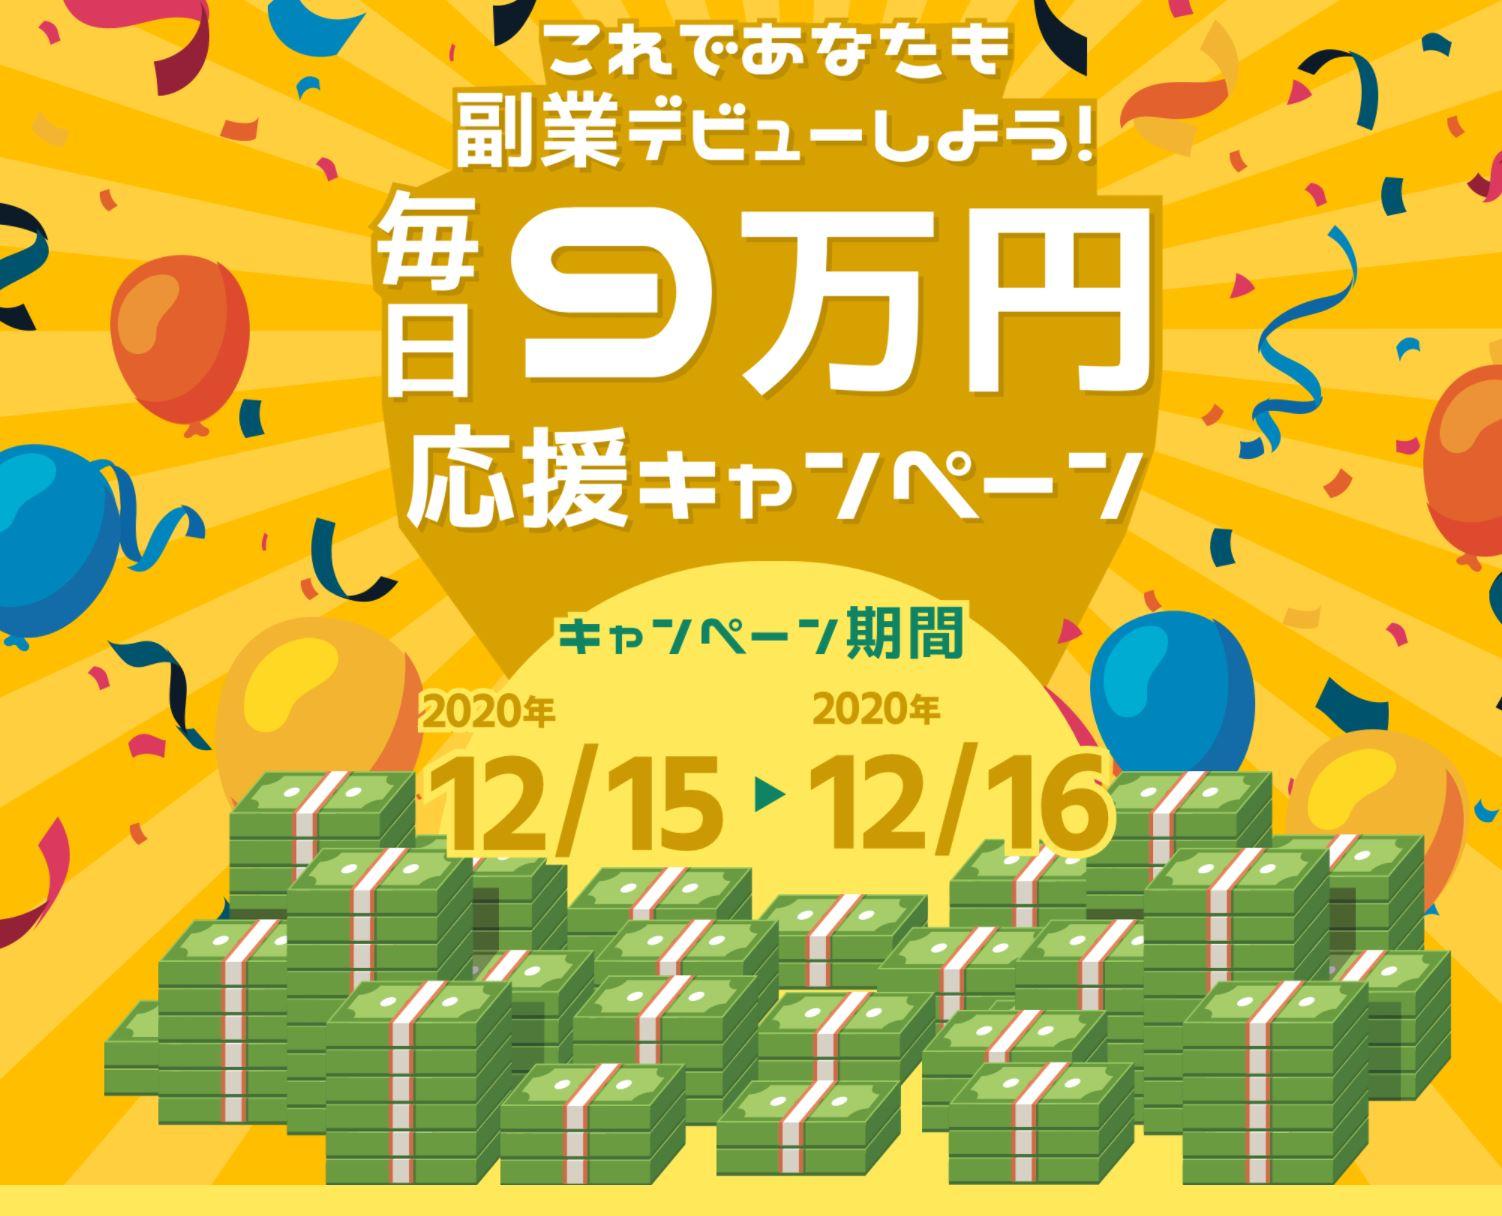 ゴールドスキル+ 毎日9万円応援キャンペーンは稼げない?副業詐欺調査